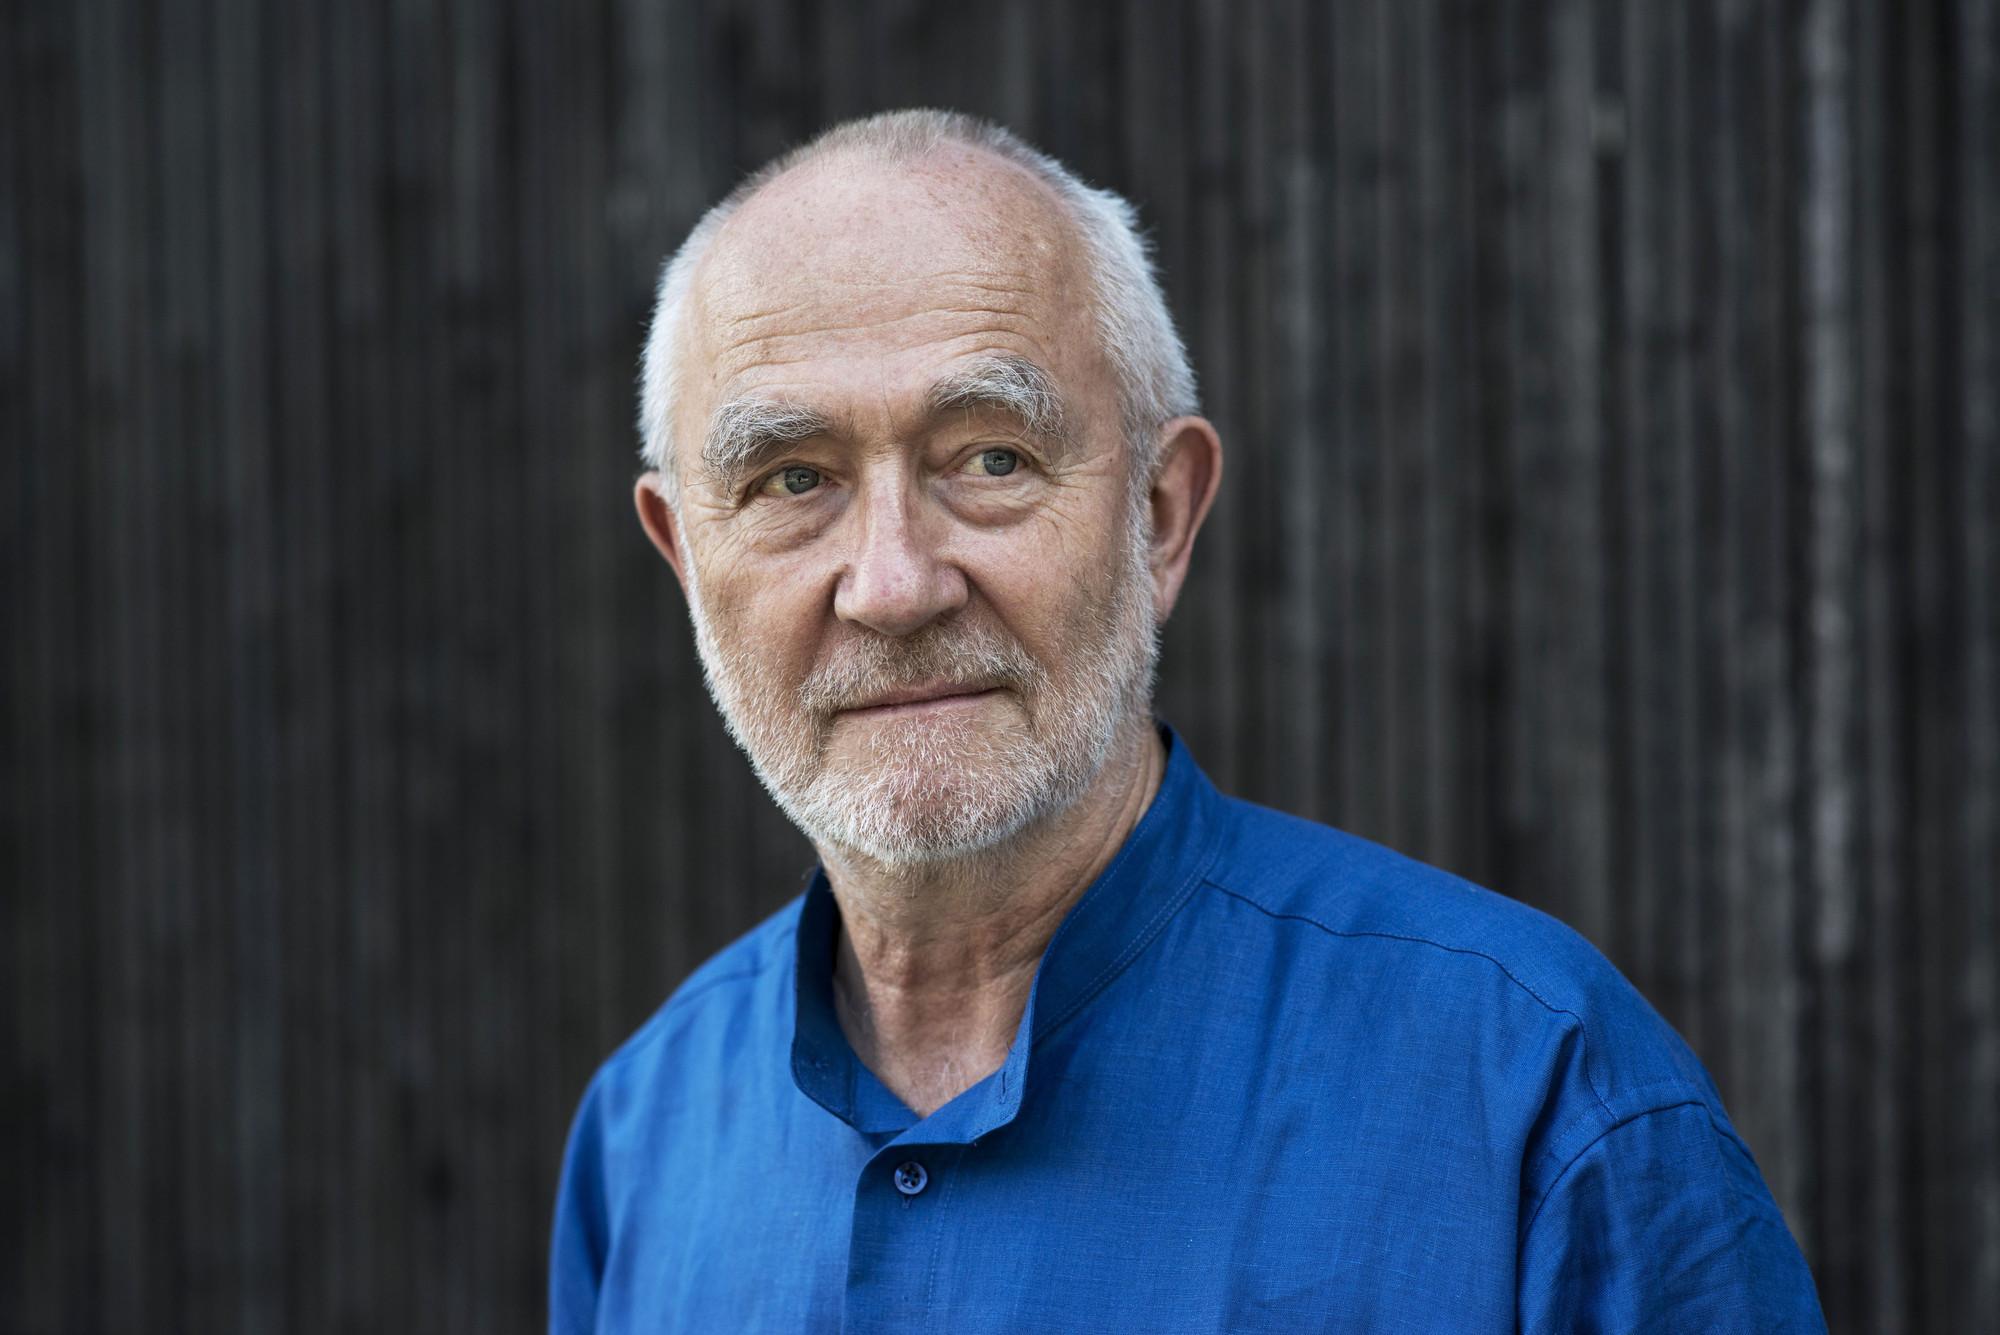 Peter Zumthor servirá como mentor en la Iniciativa Artística de Arquitectura, Peter Zumthor, Mentor de Arquitectura. Imagen © Keystone / Christian Beutler